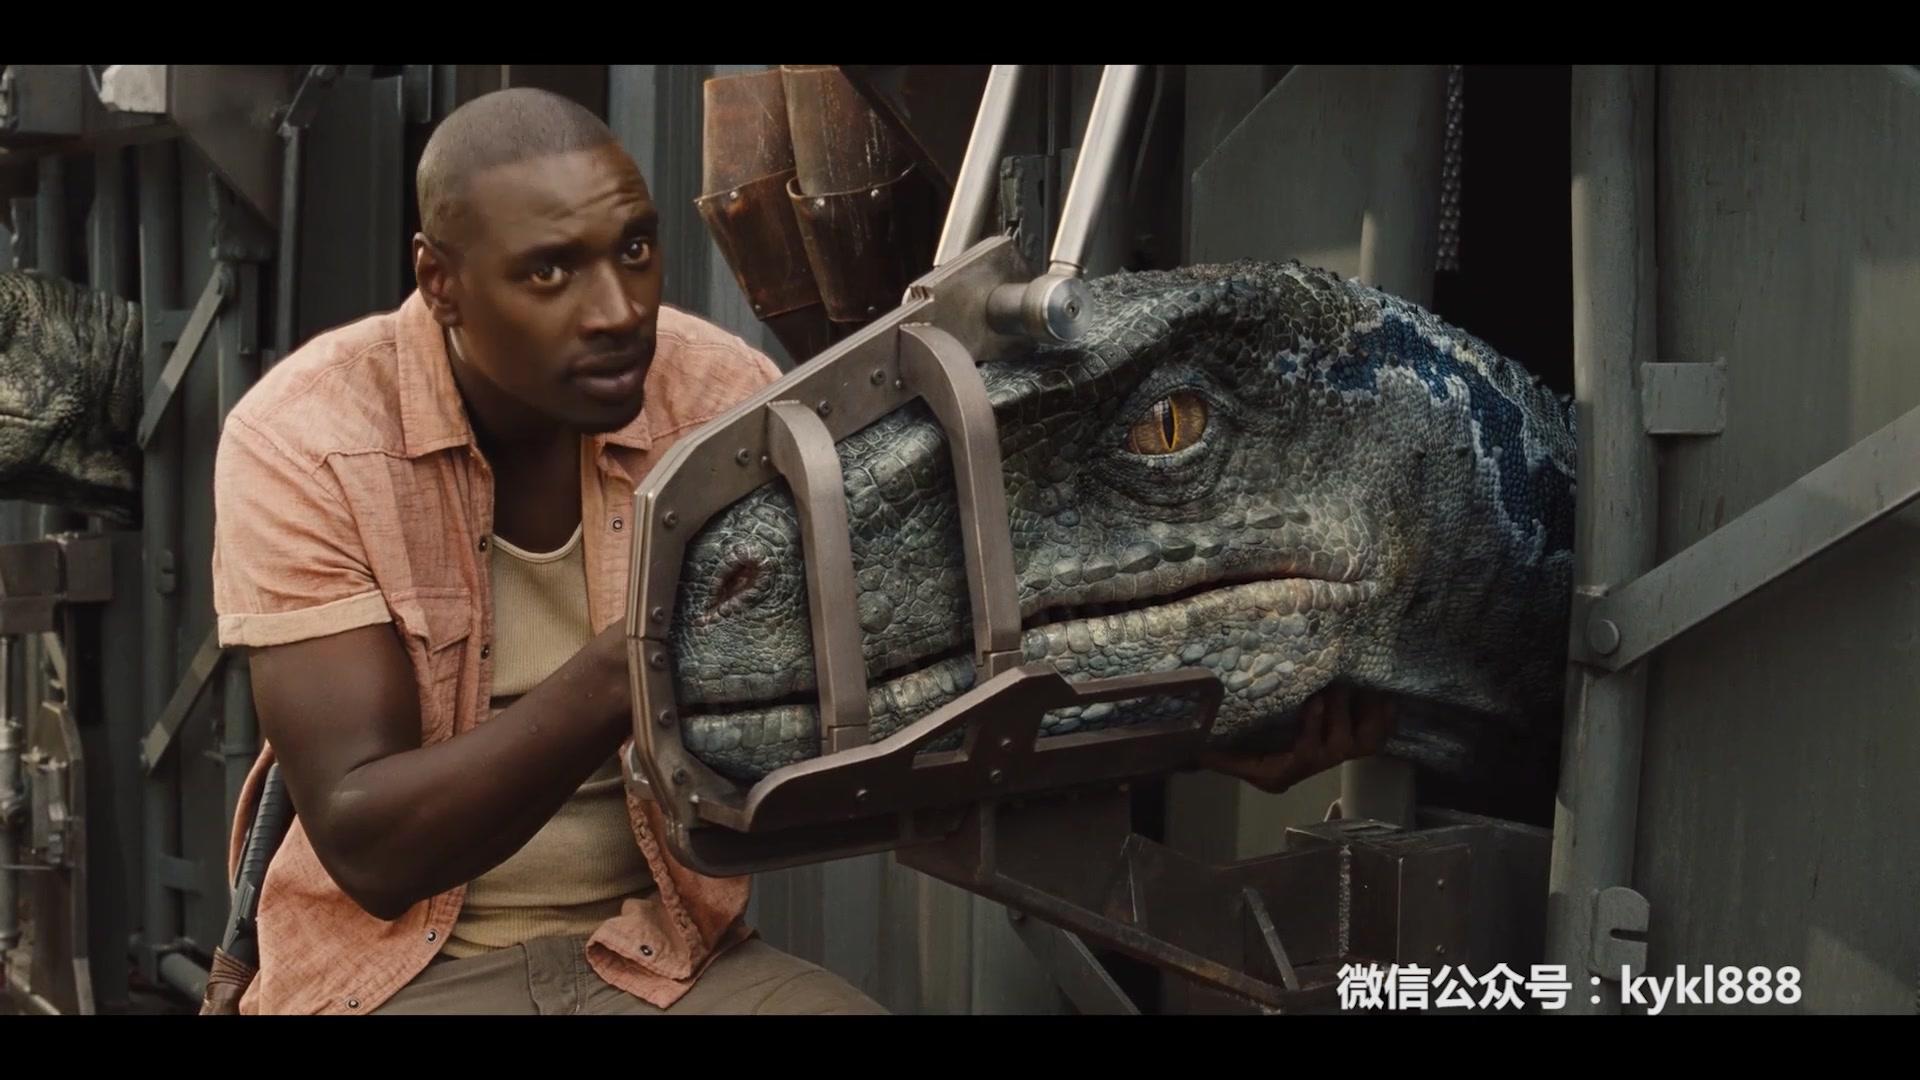 谁有侏罗纪世界电影资源发给我谢谢.发我百度云